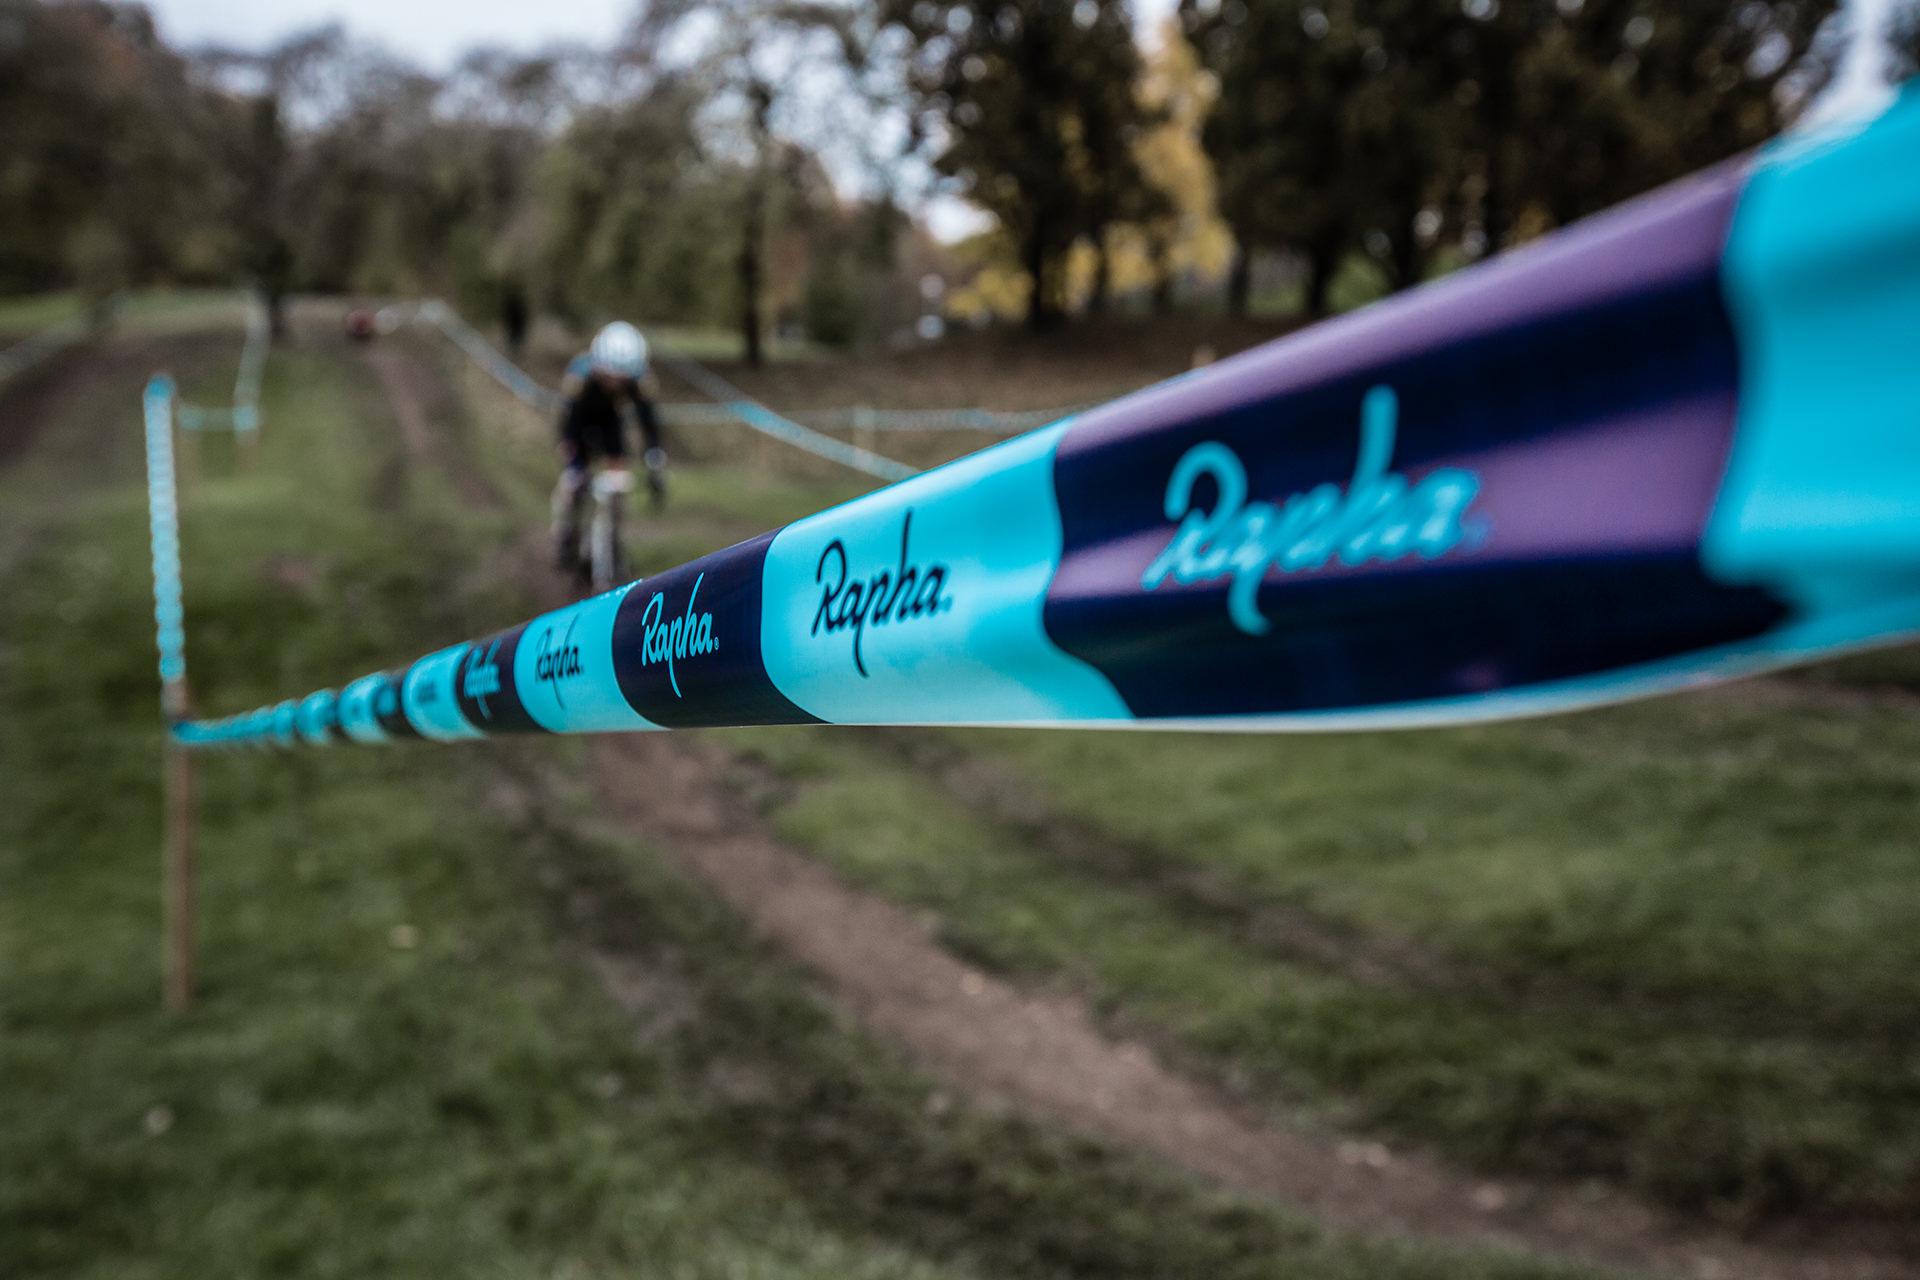 rennen-cyclocross-fahrrad-absperrband-wiese